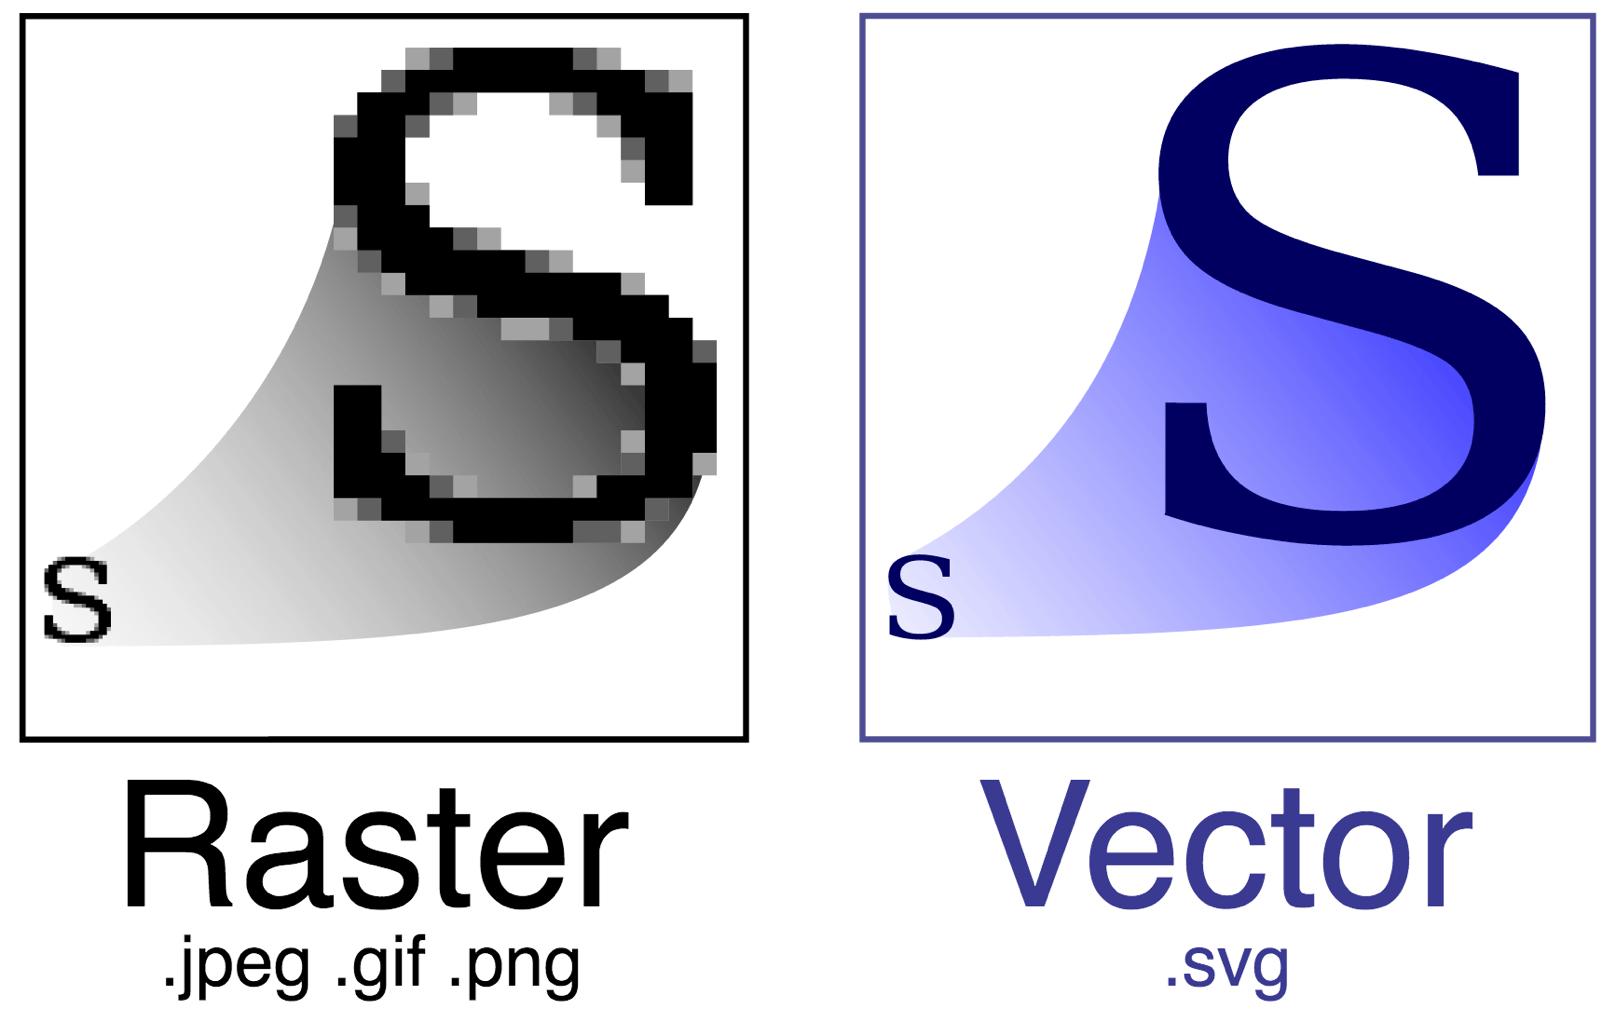 vector-raster